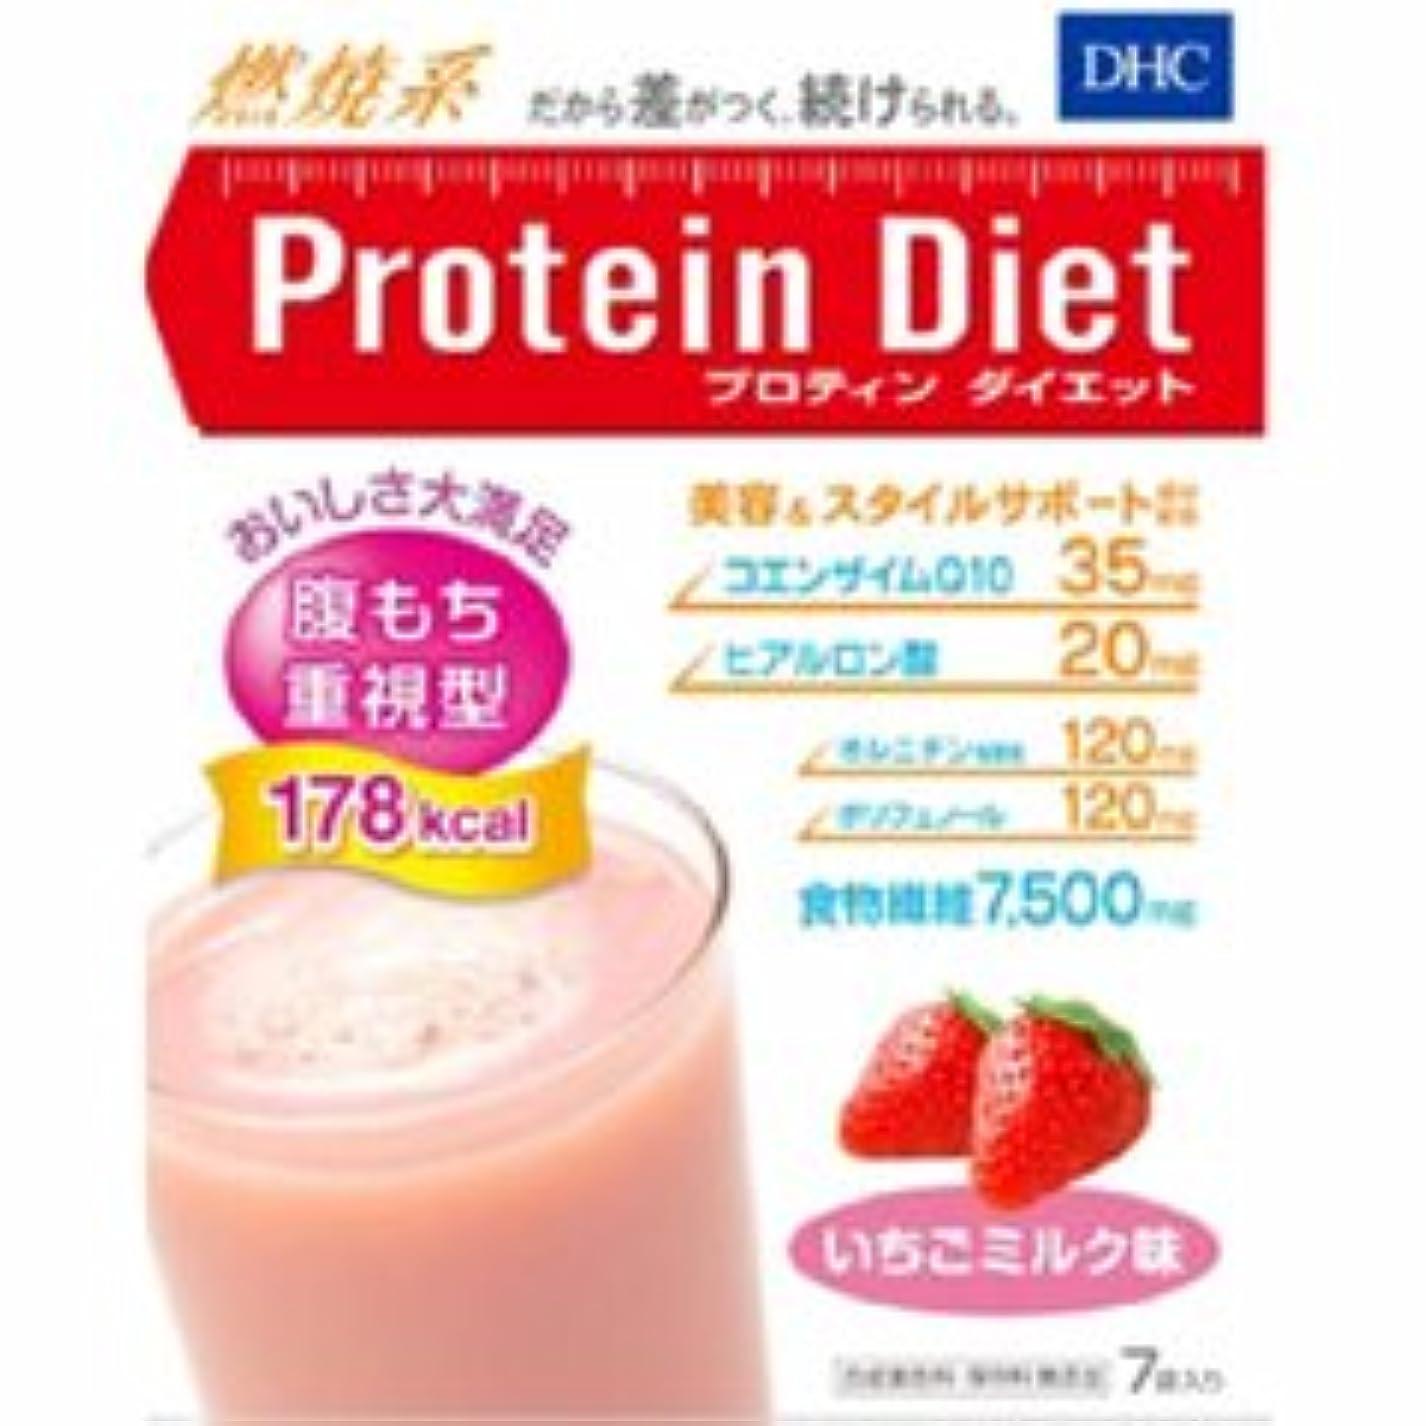 バングラデシュしかしフレームワークDHCの健康食品 プロティンダイエット いちごミルク味 50g×7袋 【DHC】